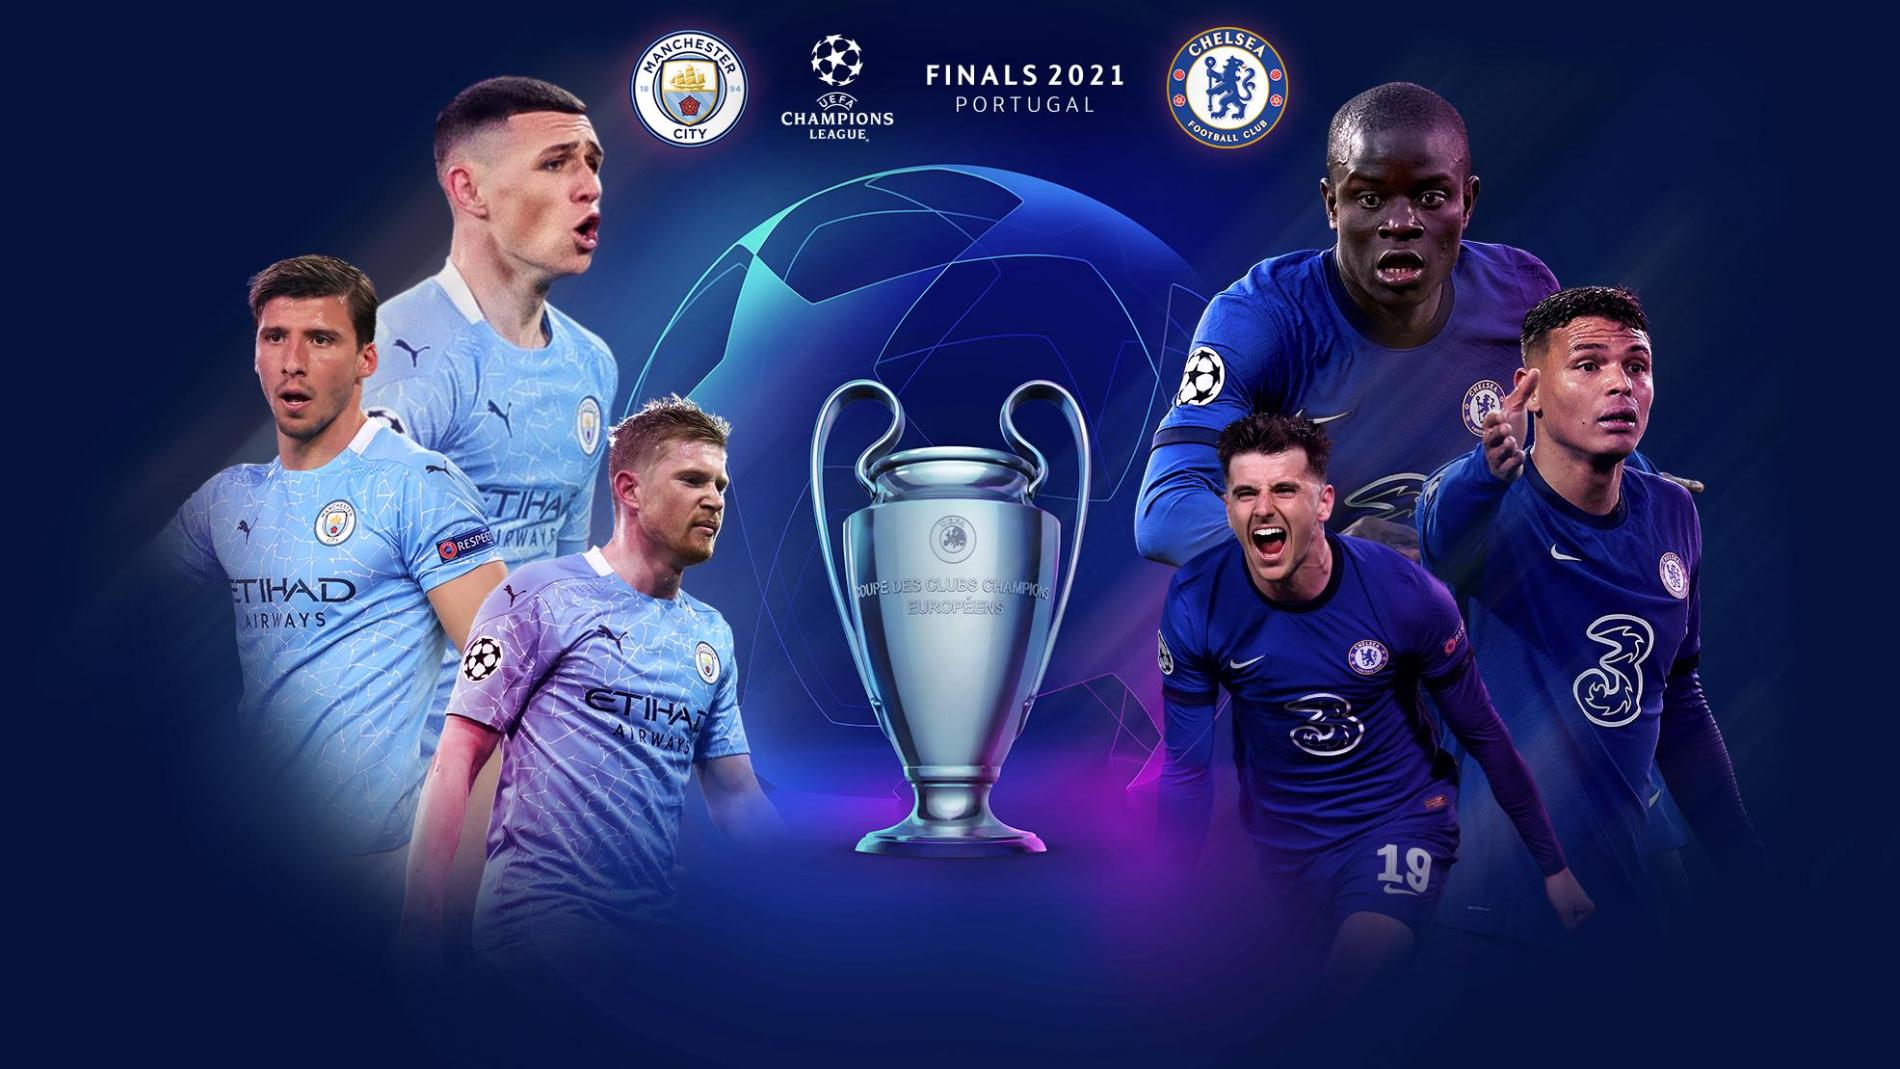 Premier League đã có vòng đấu 39 tại Porto vào rạng sáng 30/5 để chọn ra nhà vô địch châu Âu